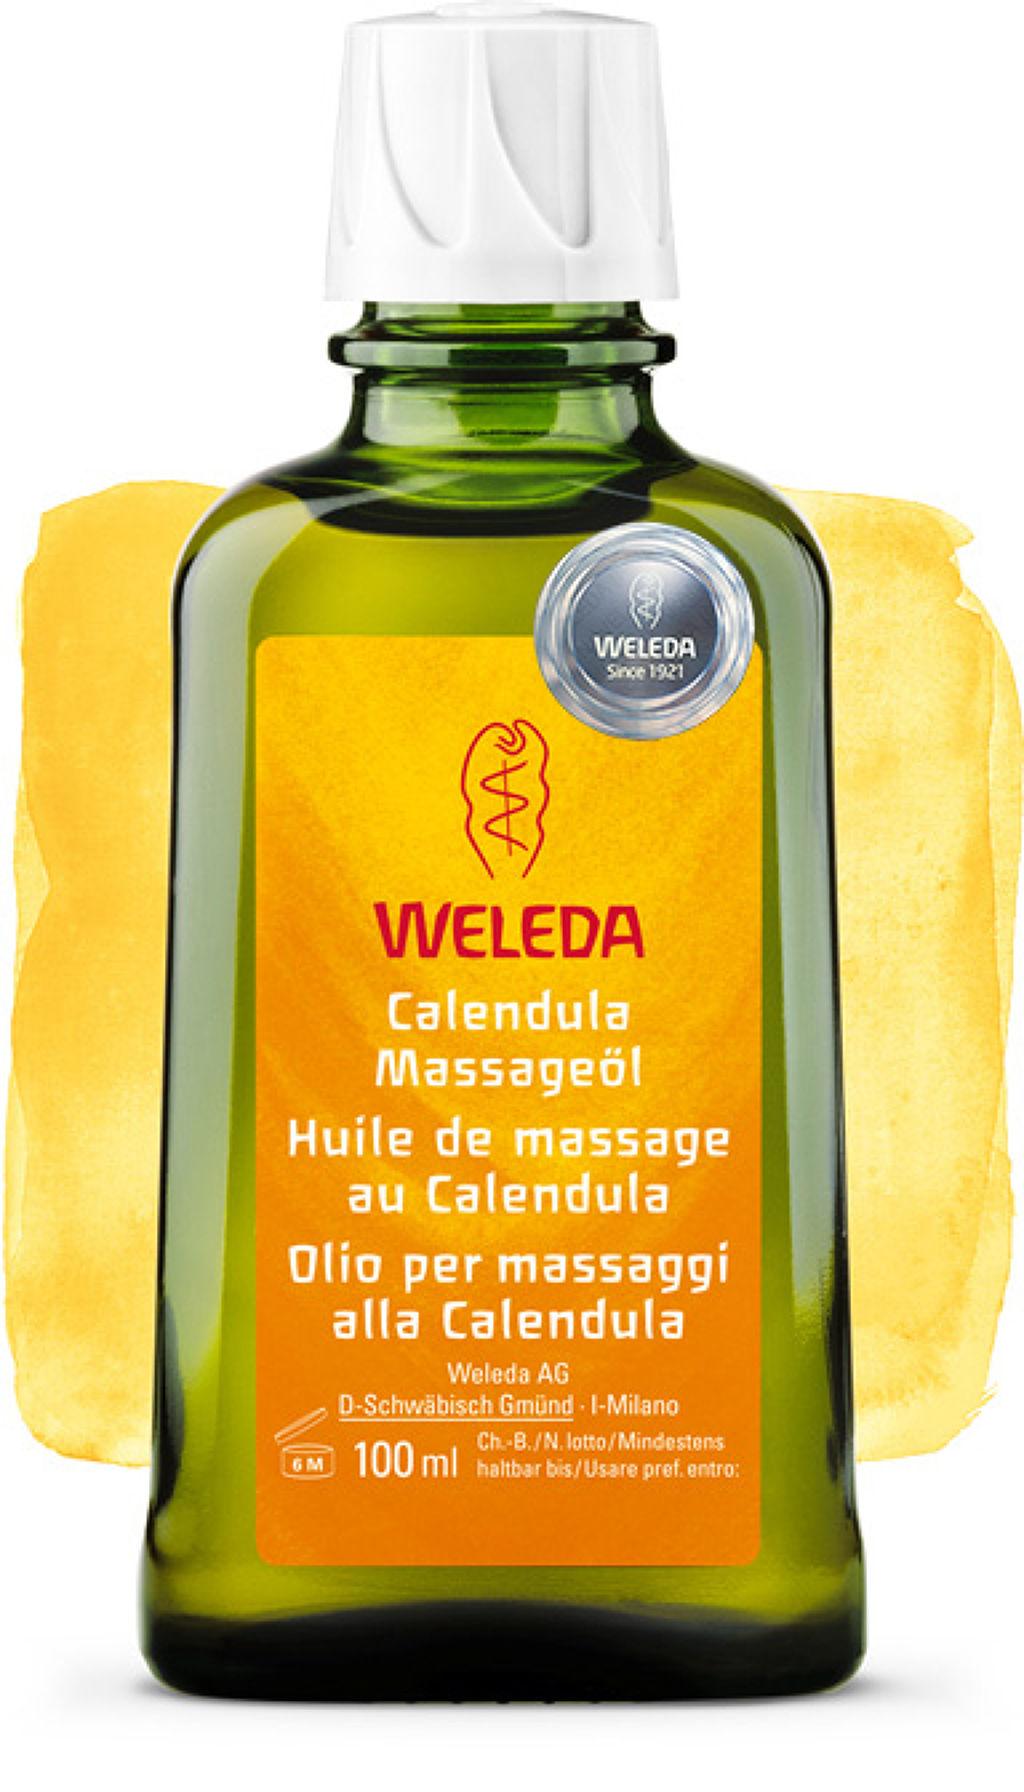 カレンドラ マッサージオイル WELEDA